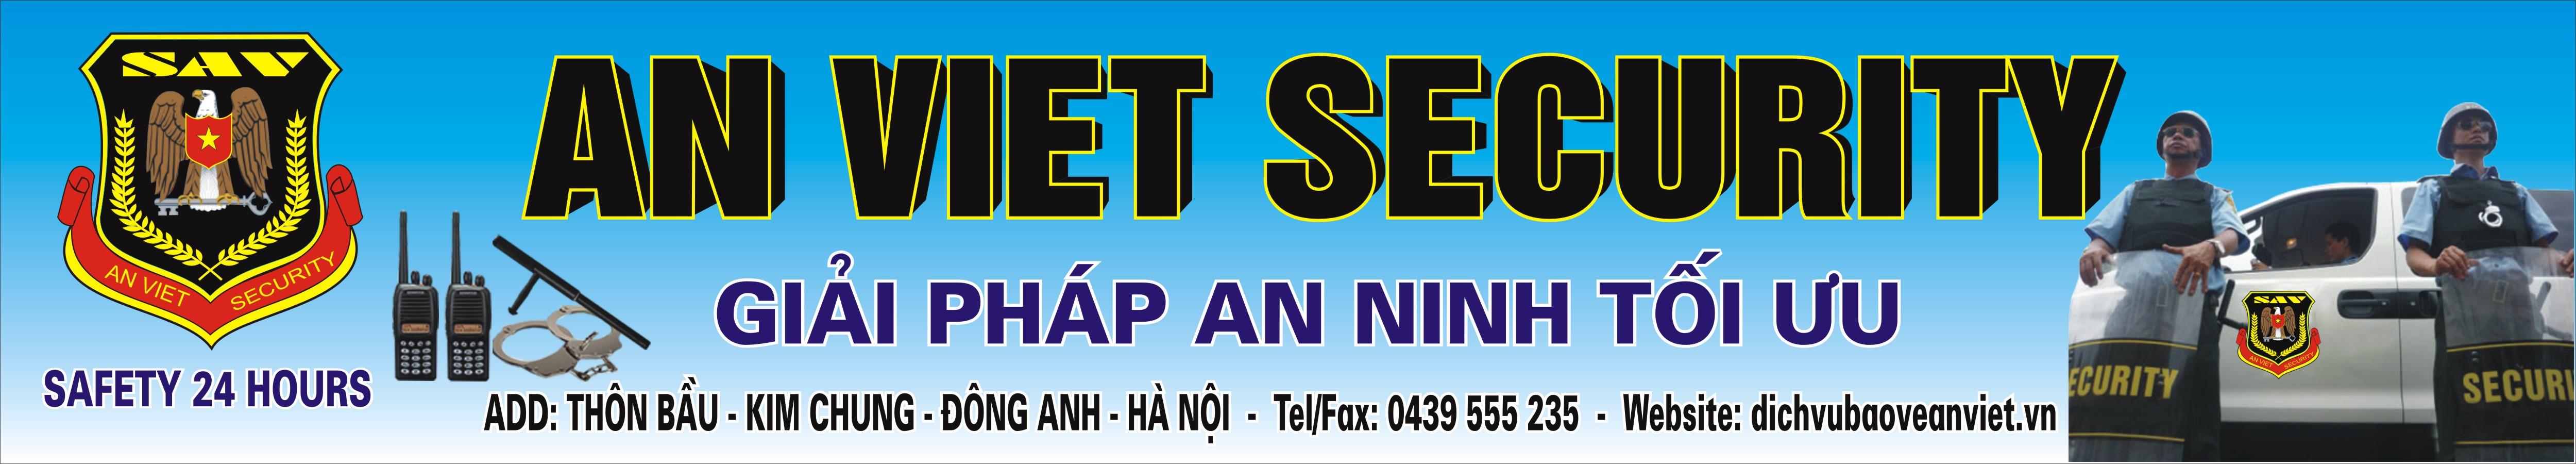 Dịch vụ bảo vệ An Việt